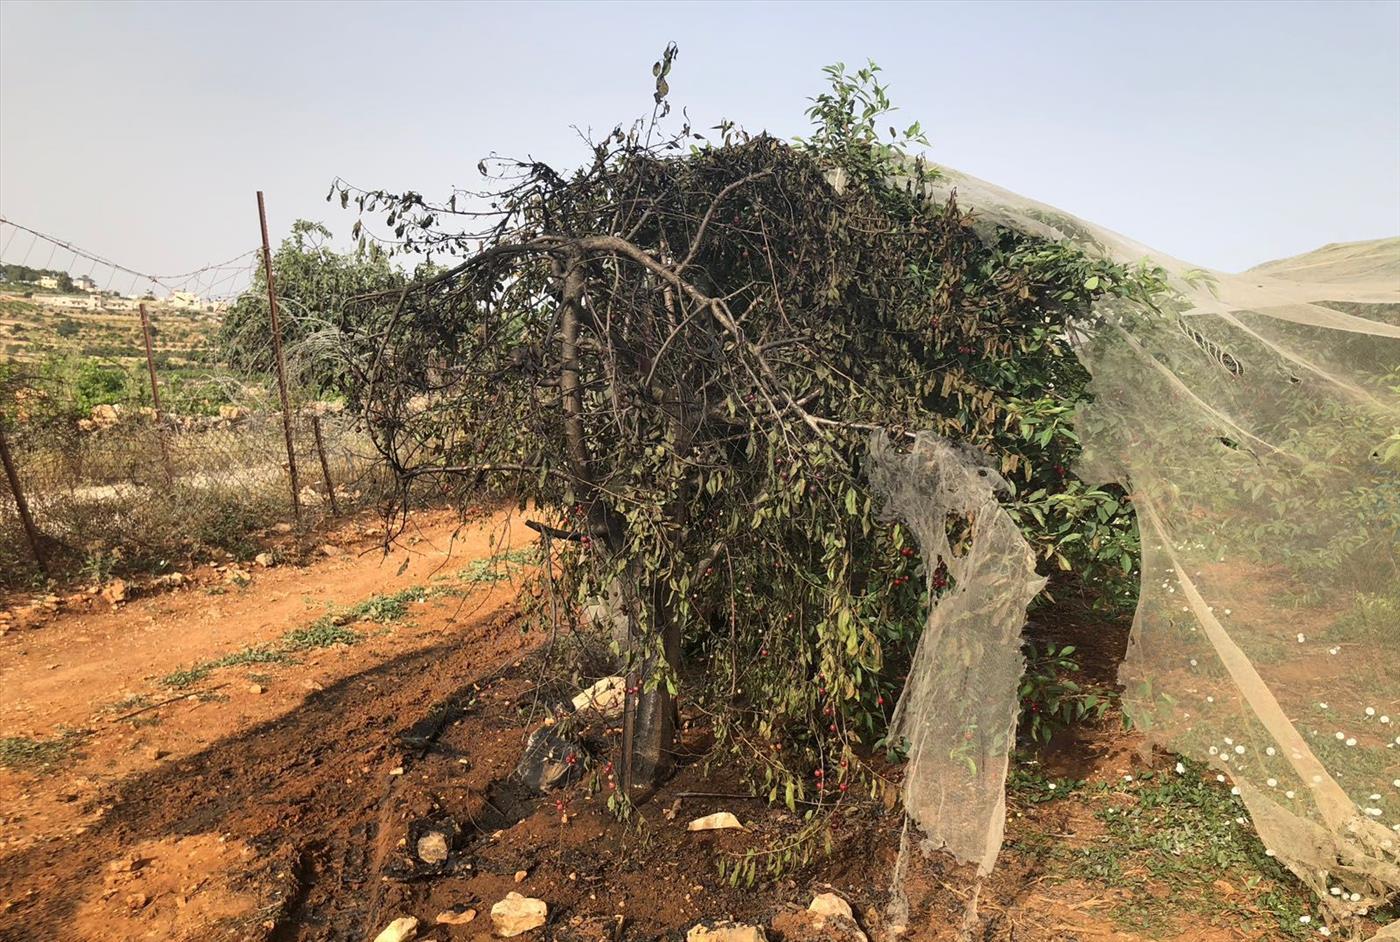 נזק למטע הדובדבנים של כפר עציון. ארכיון (ירון רוזנטל)